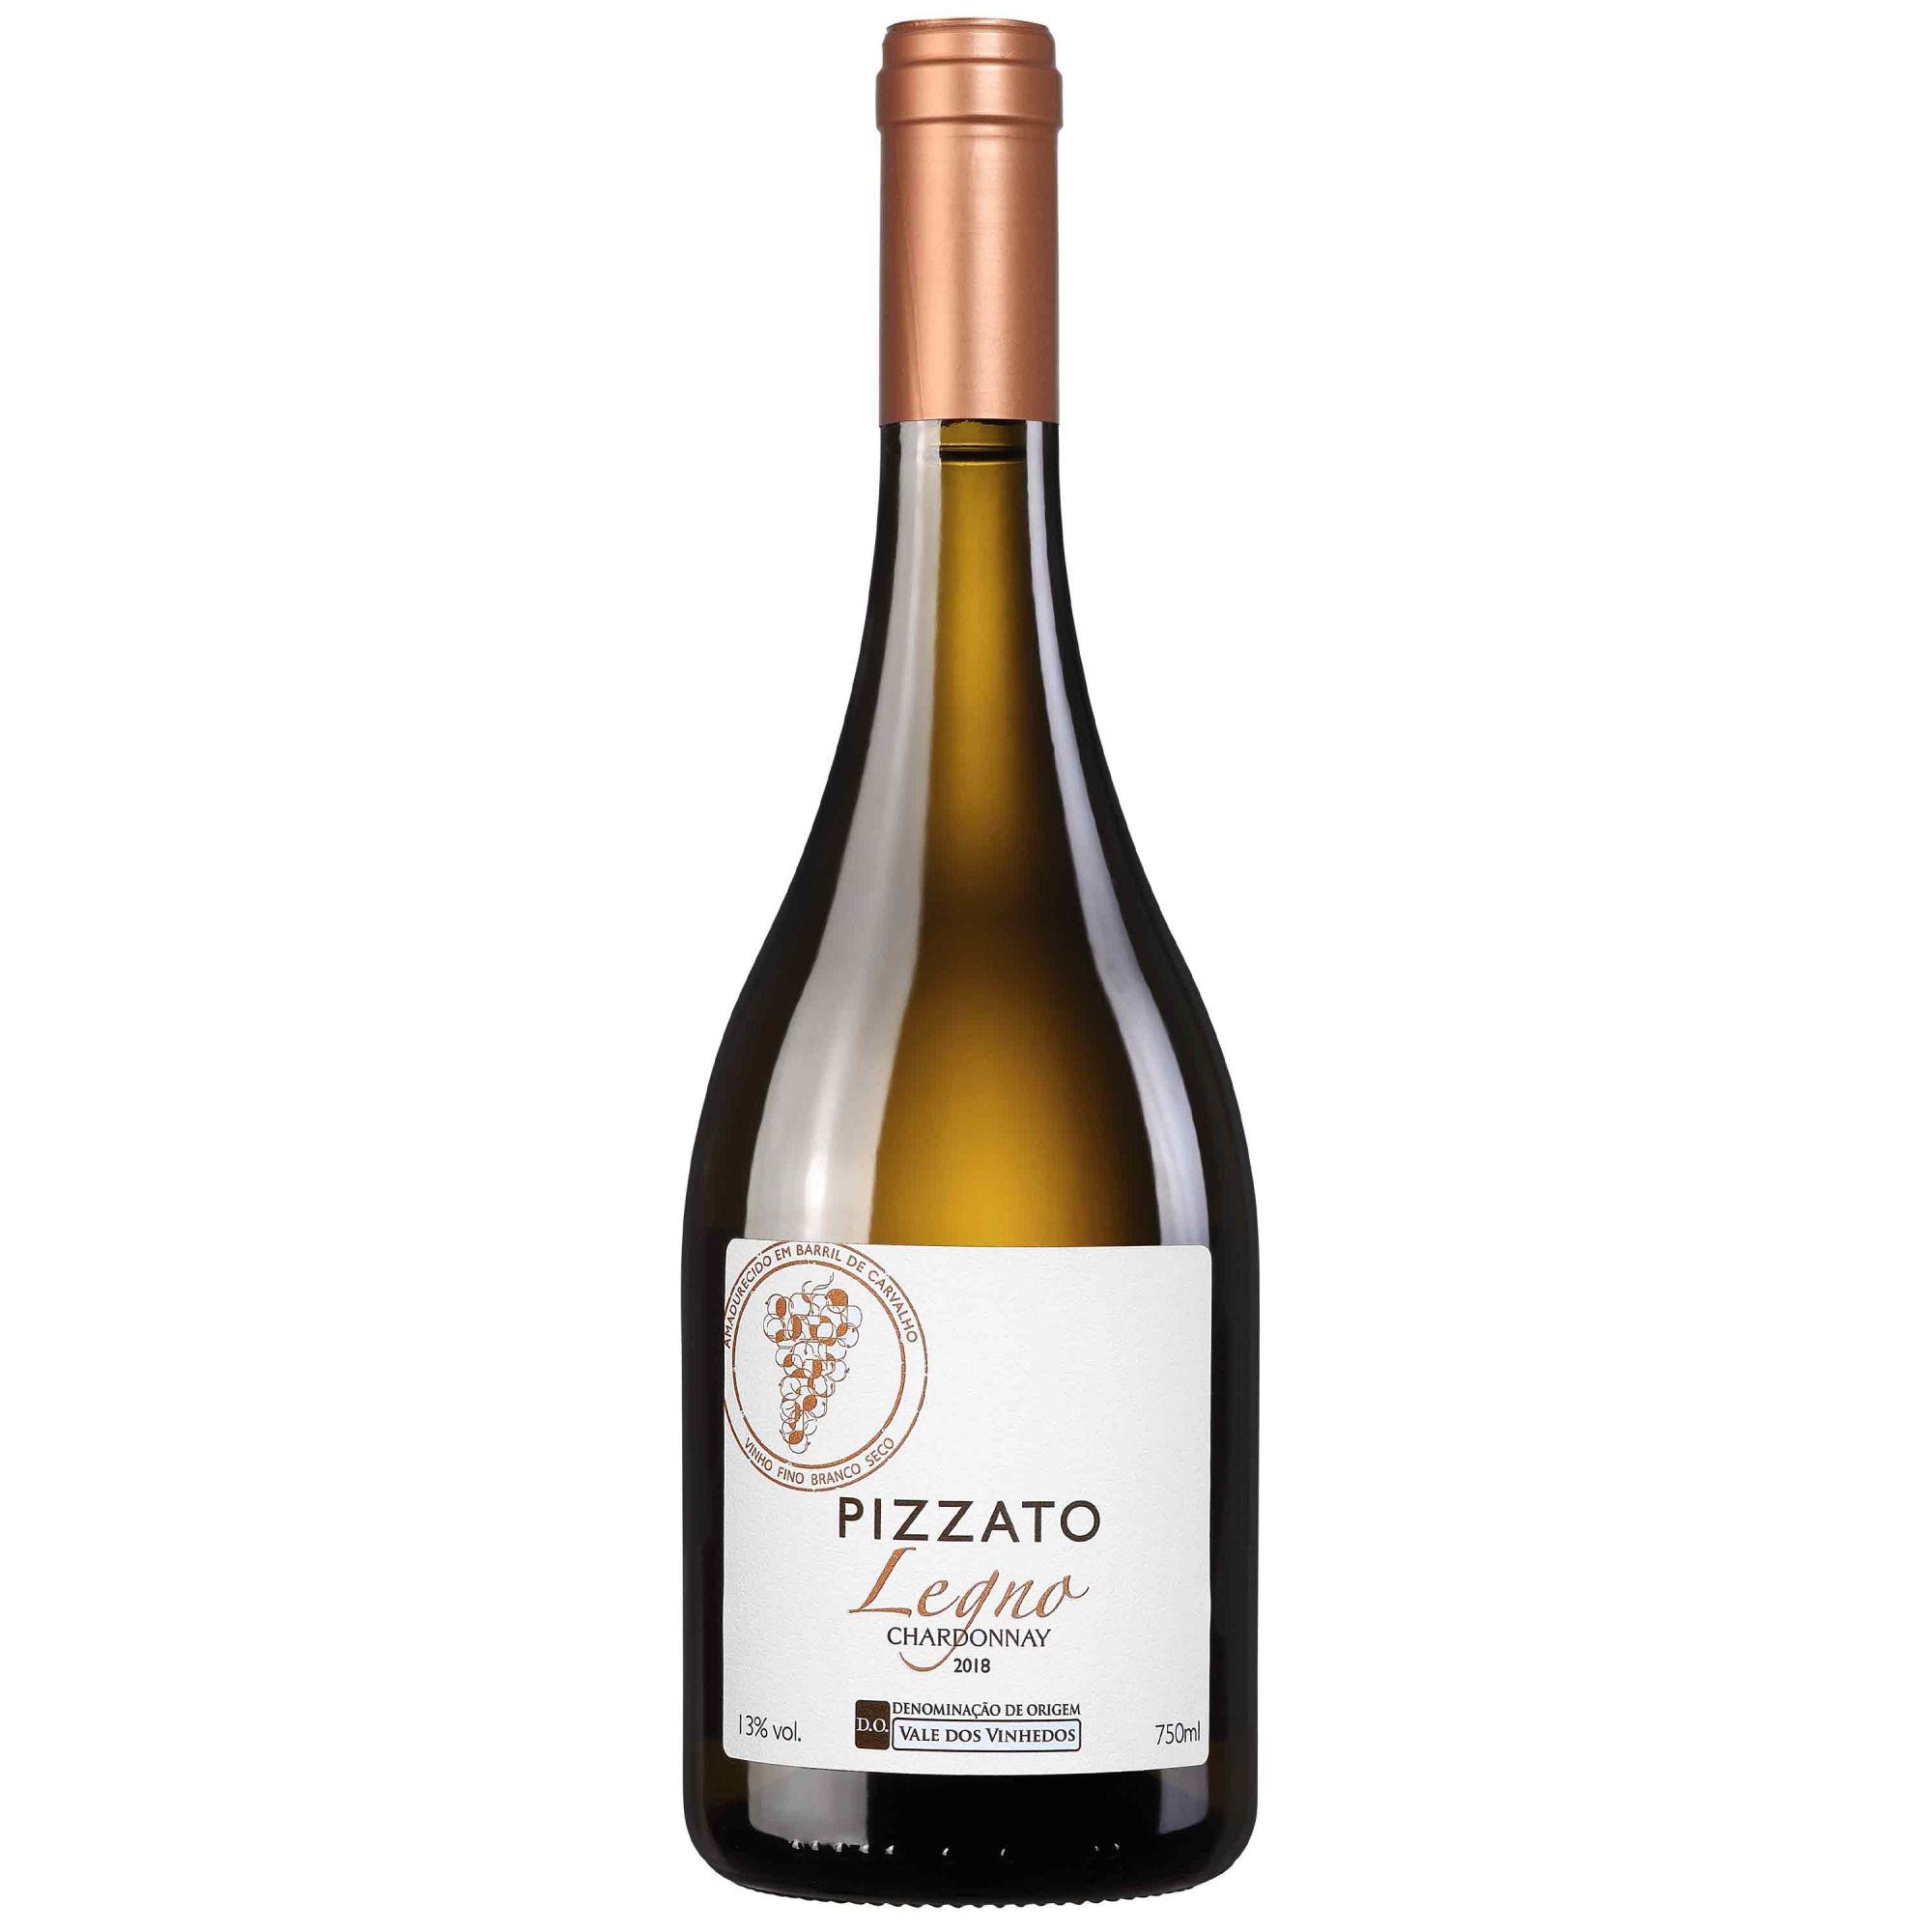 Vinho Pizzato Legno Chardonnay